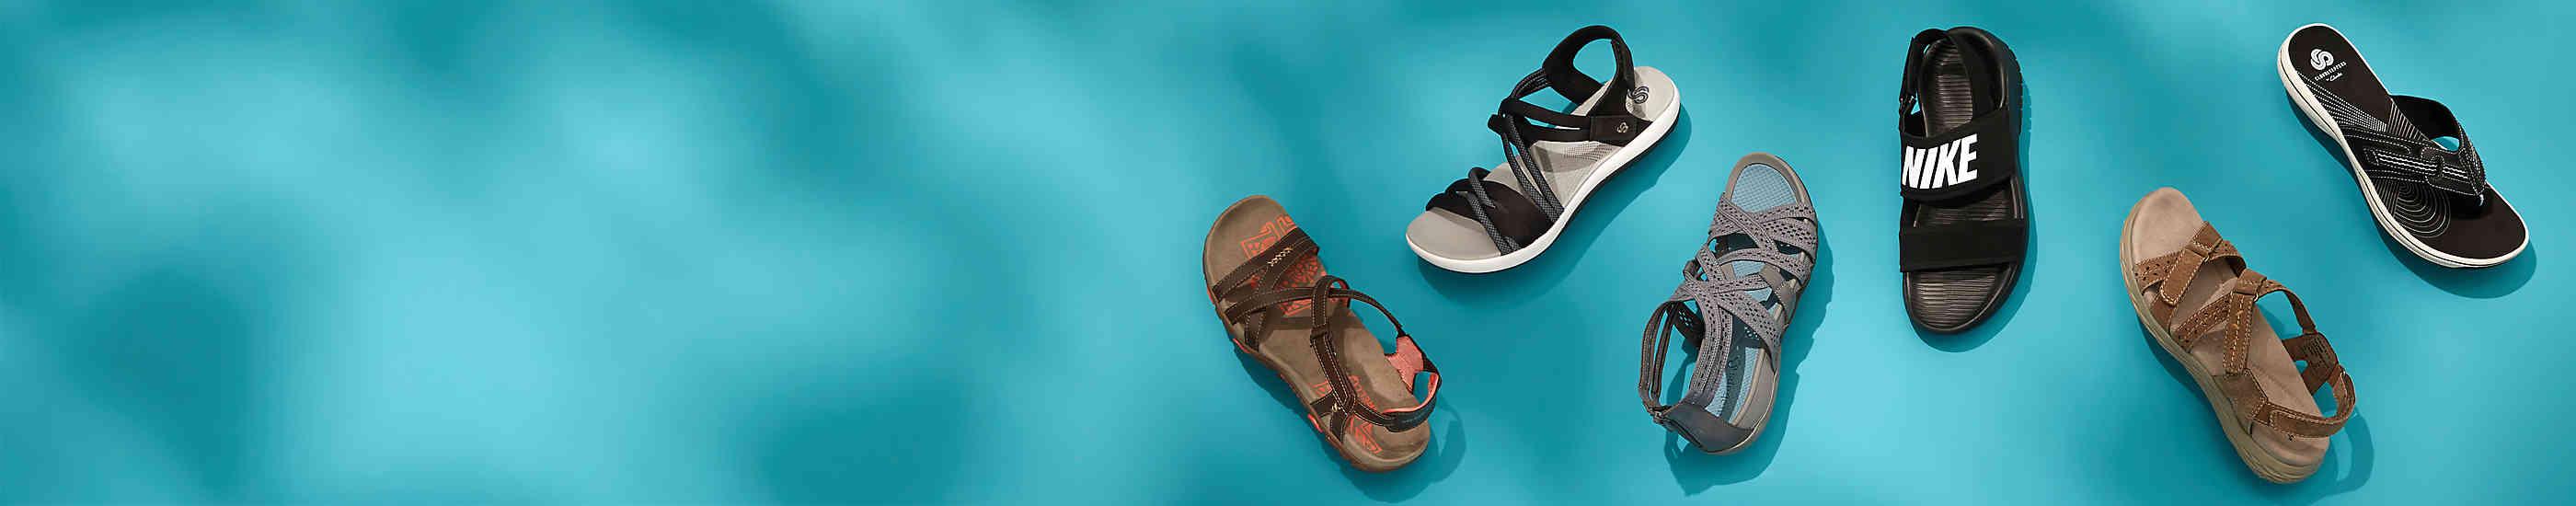 da615563d5aa Women s Sport   Outdoor Sandals